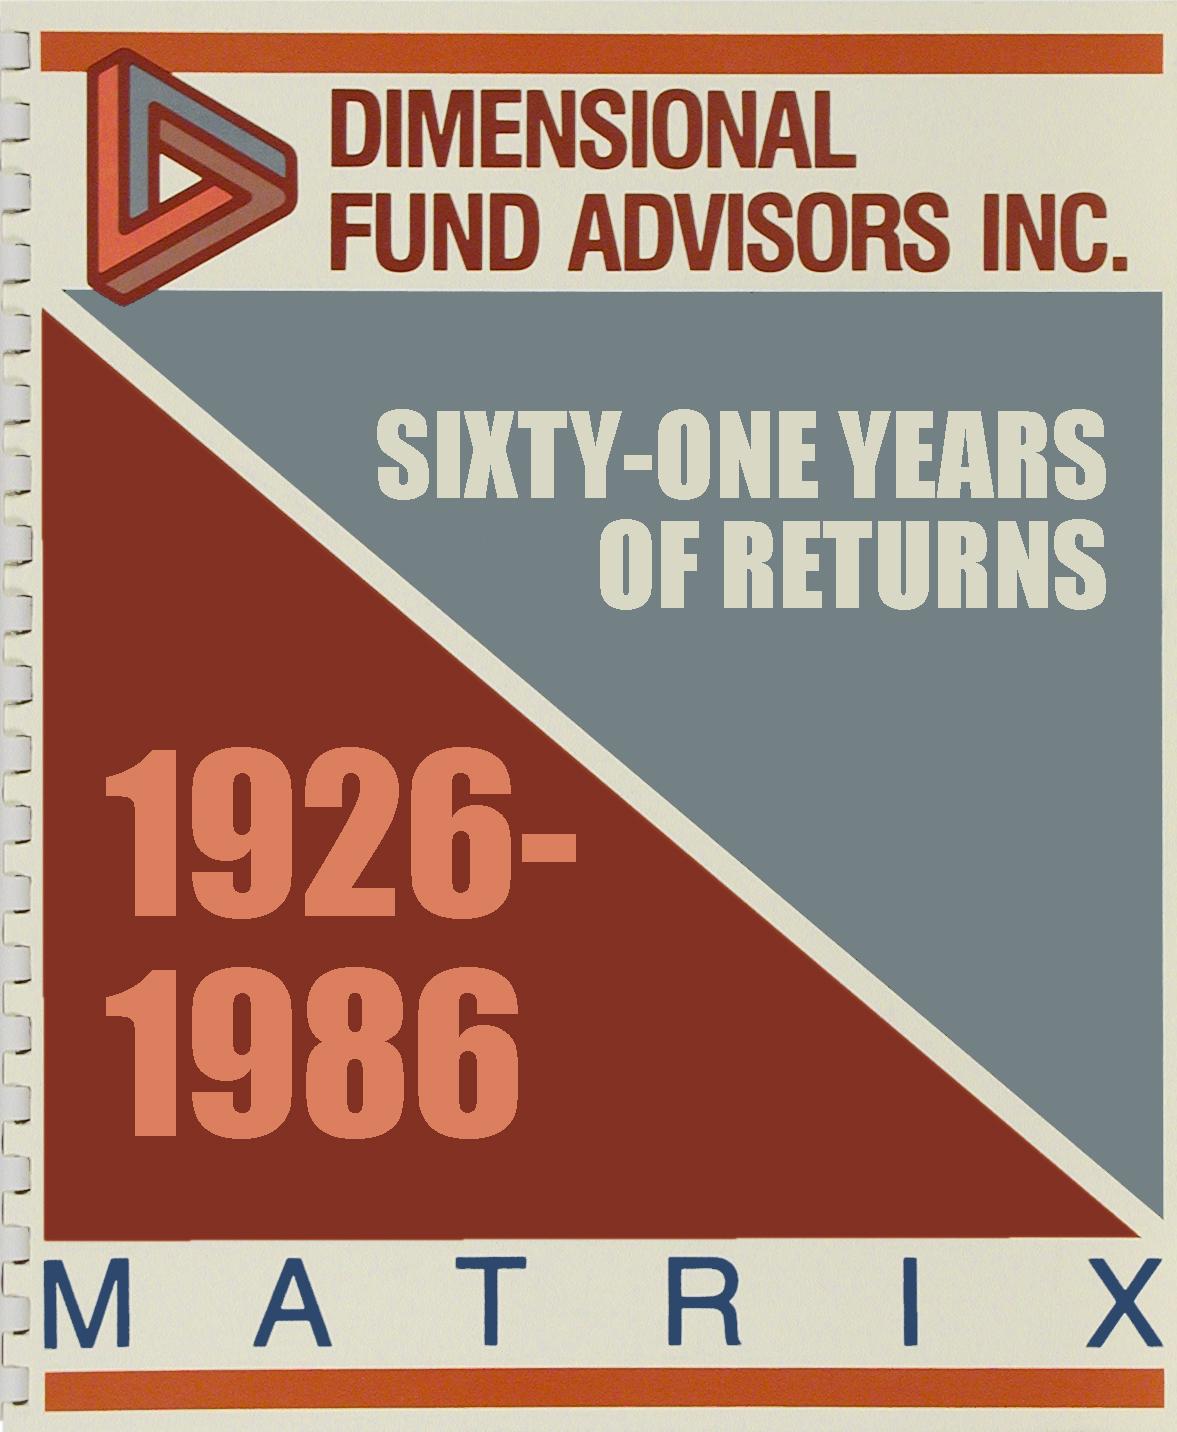 DFA Matrix Book 1986